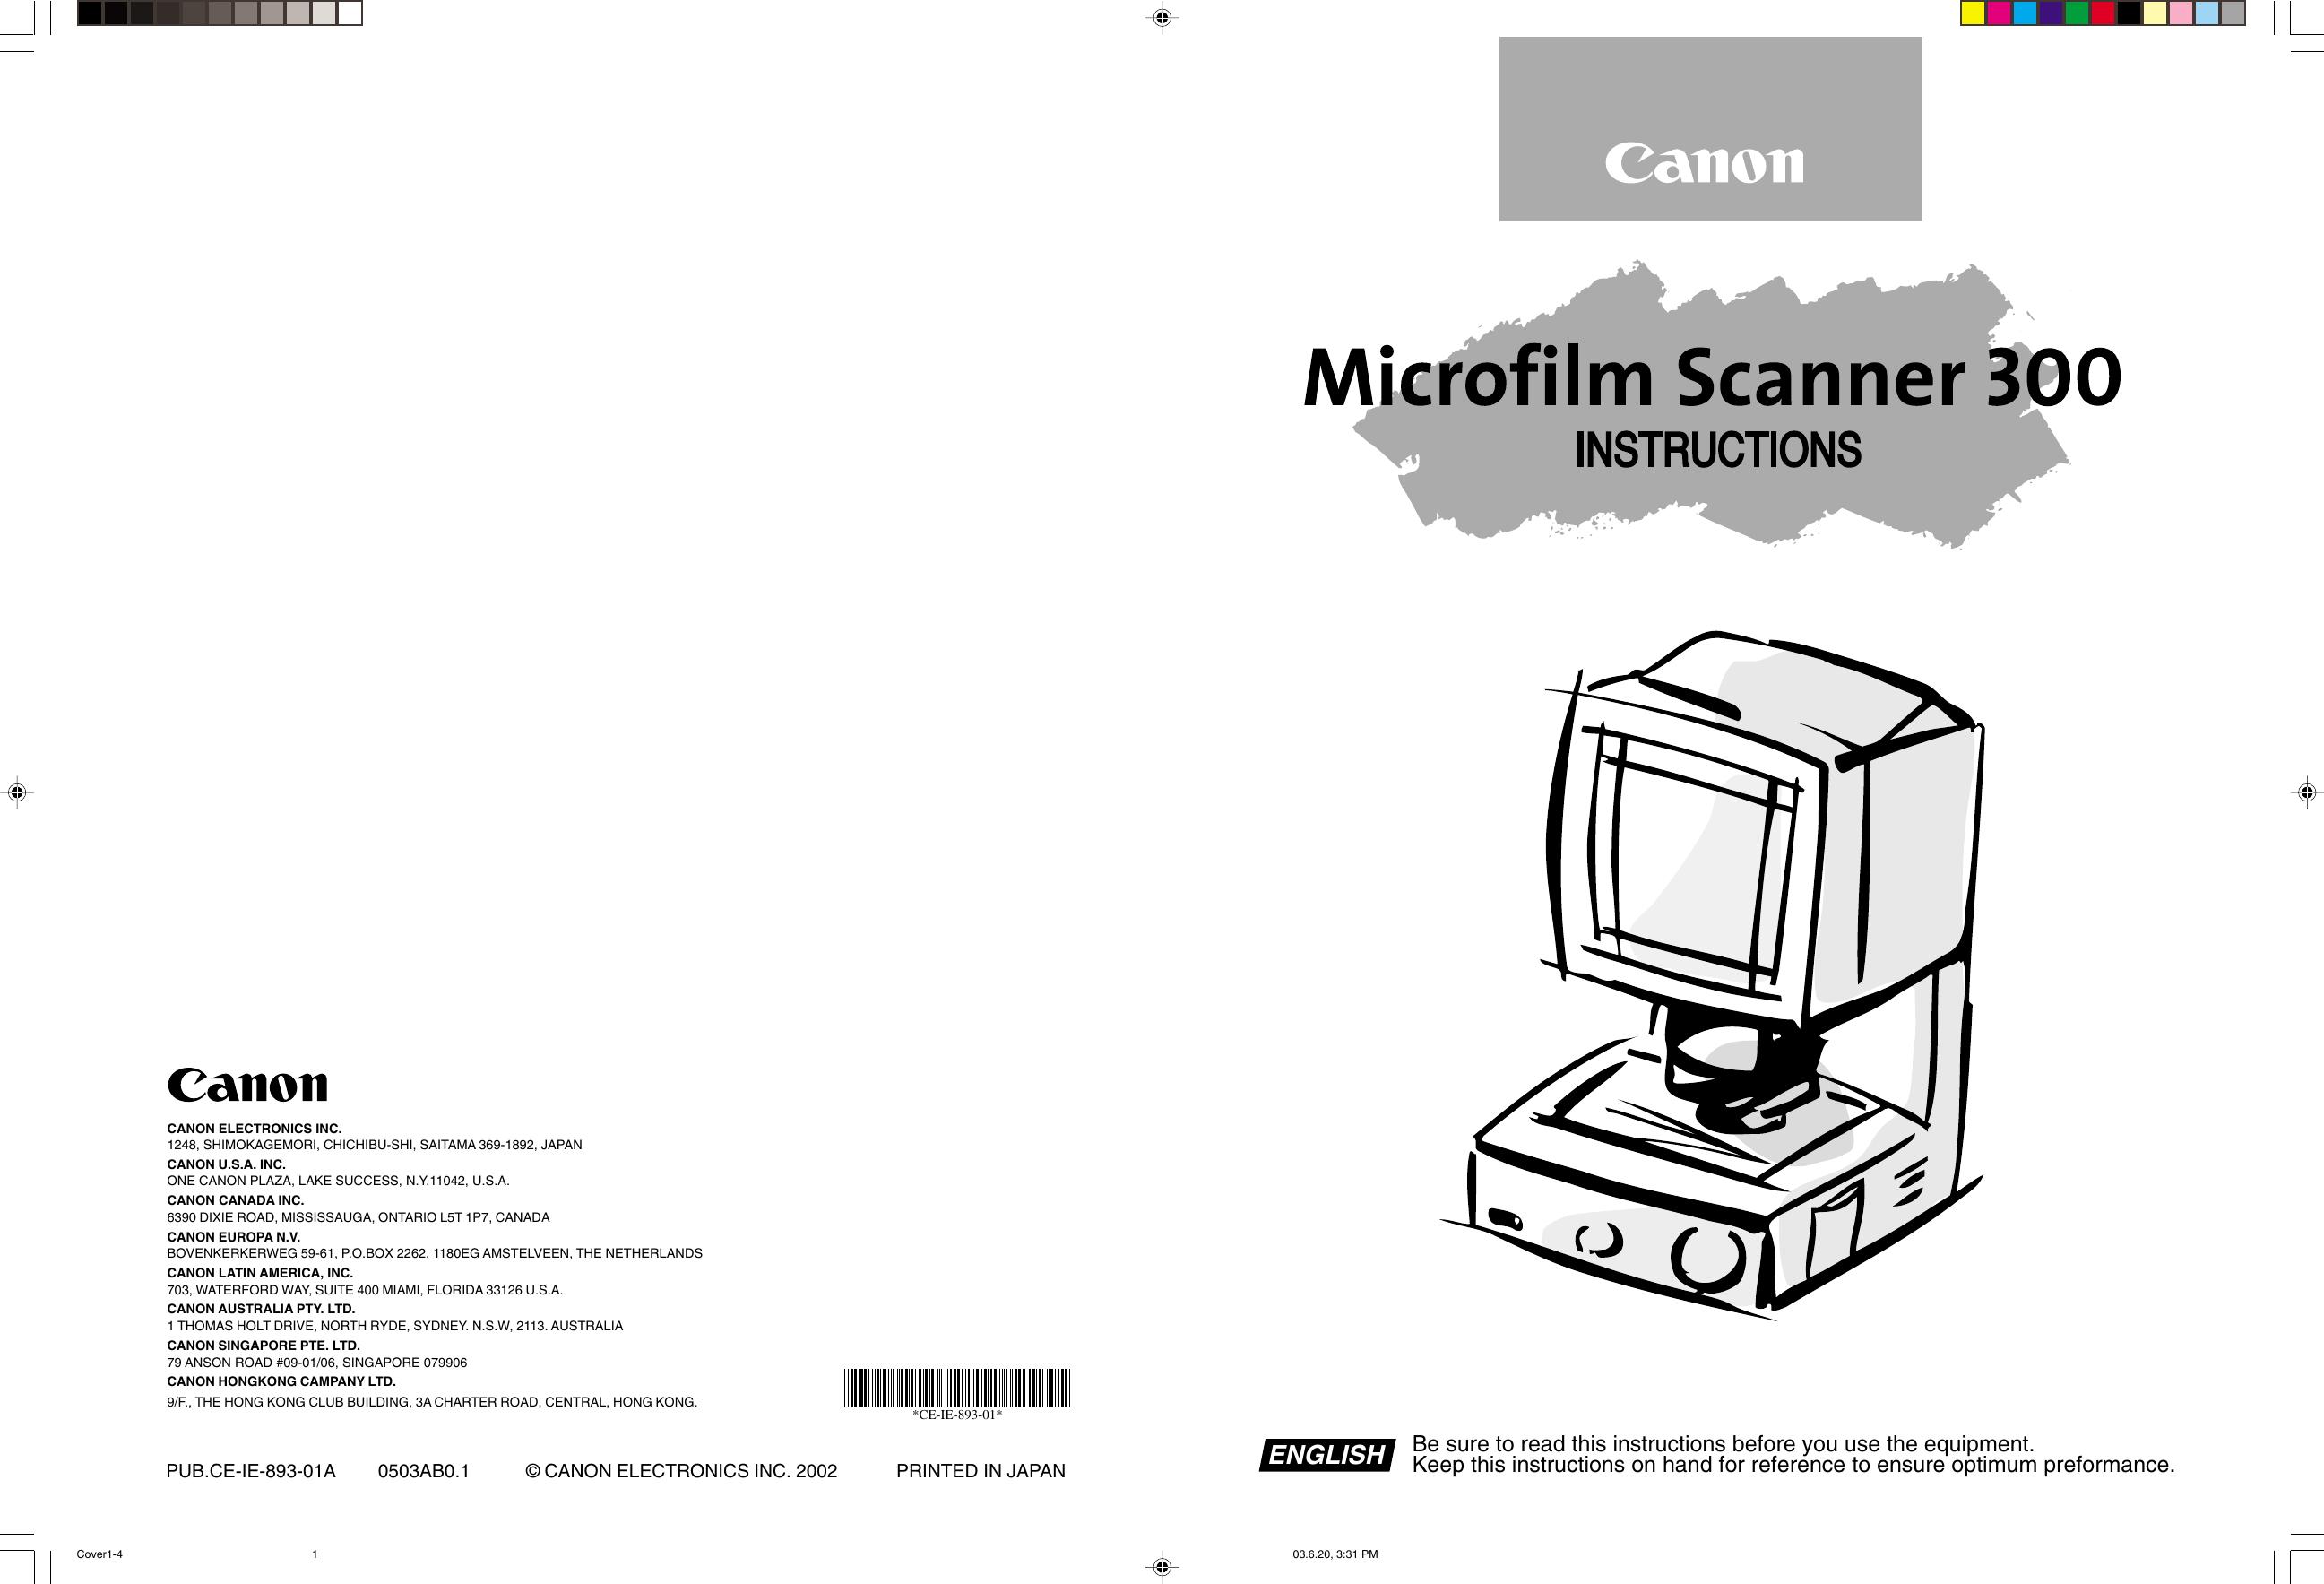 CANON MICROFILM SCANNER 300 WINDOWS XP DRIVER DOWNLOAD